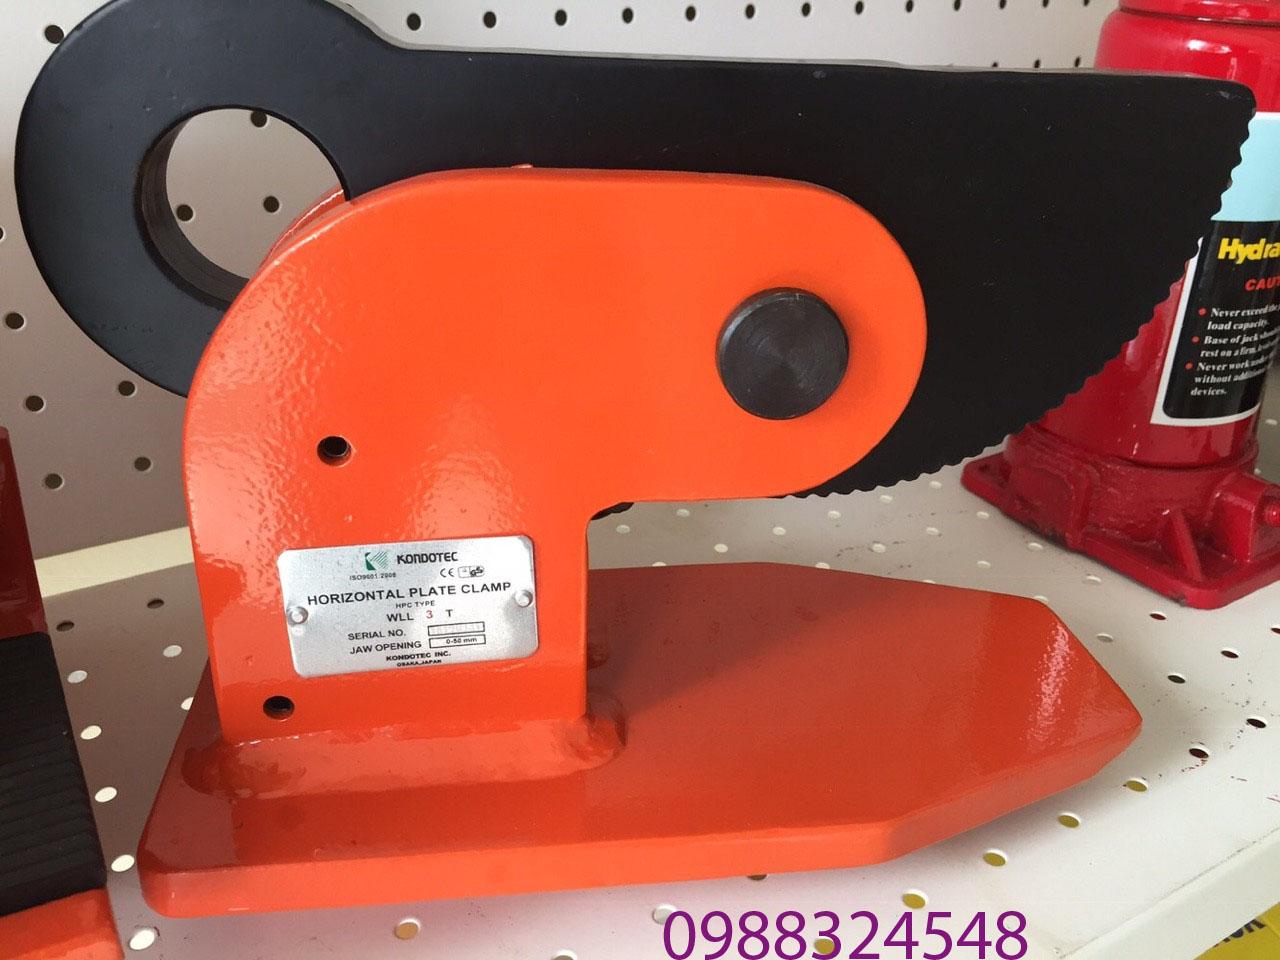 Kẹp tôn ngang Kondotec HPC 3 tấn